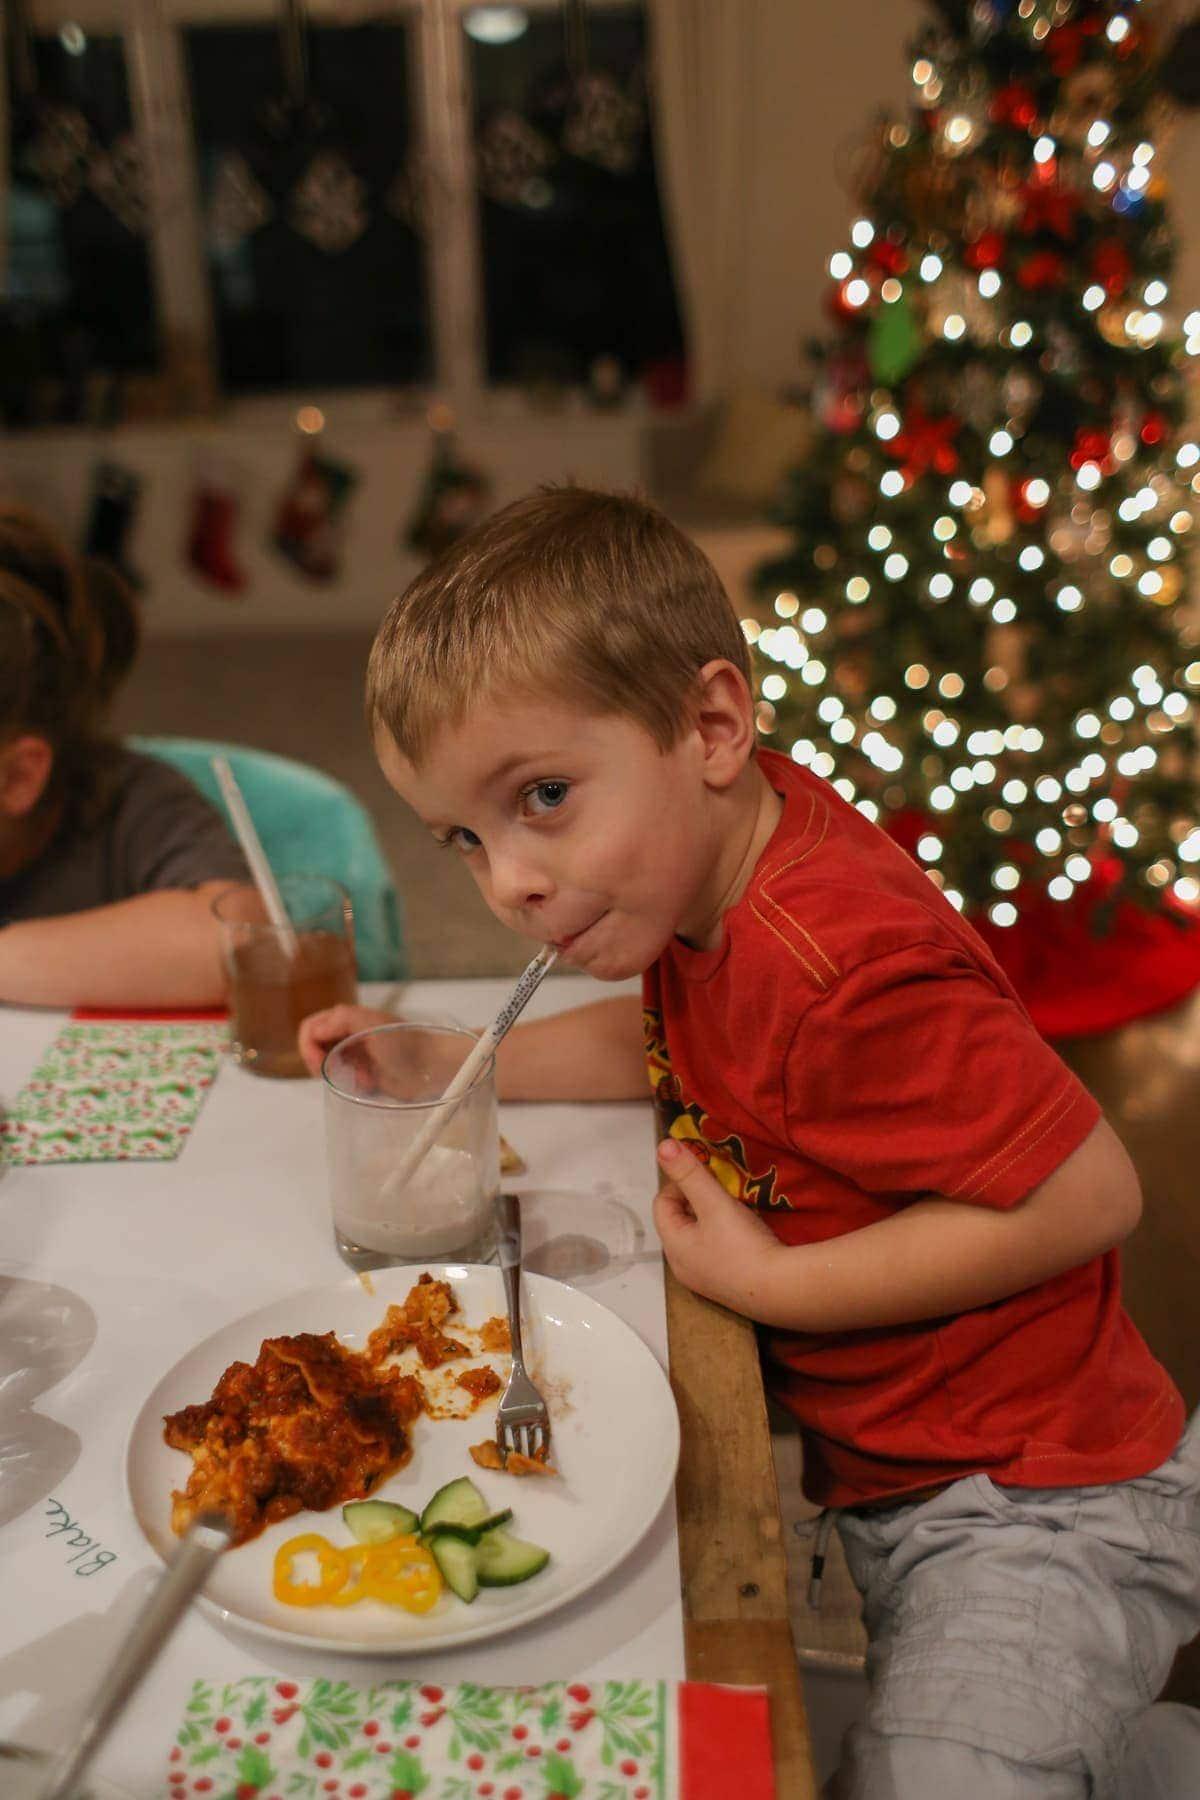 Blake eating Christmas day